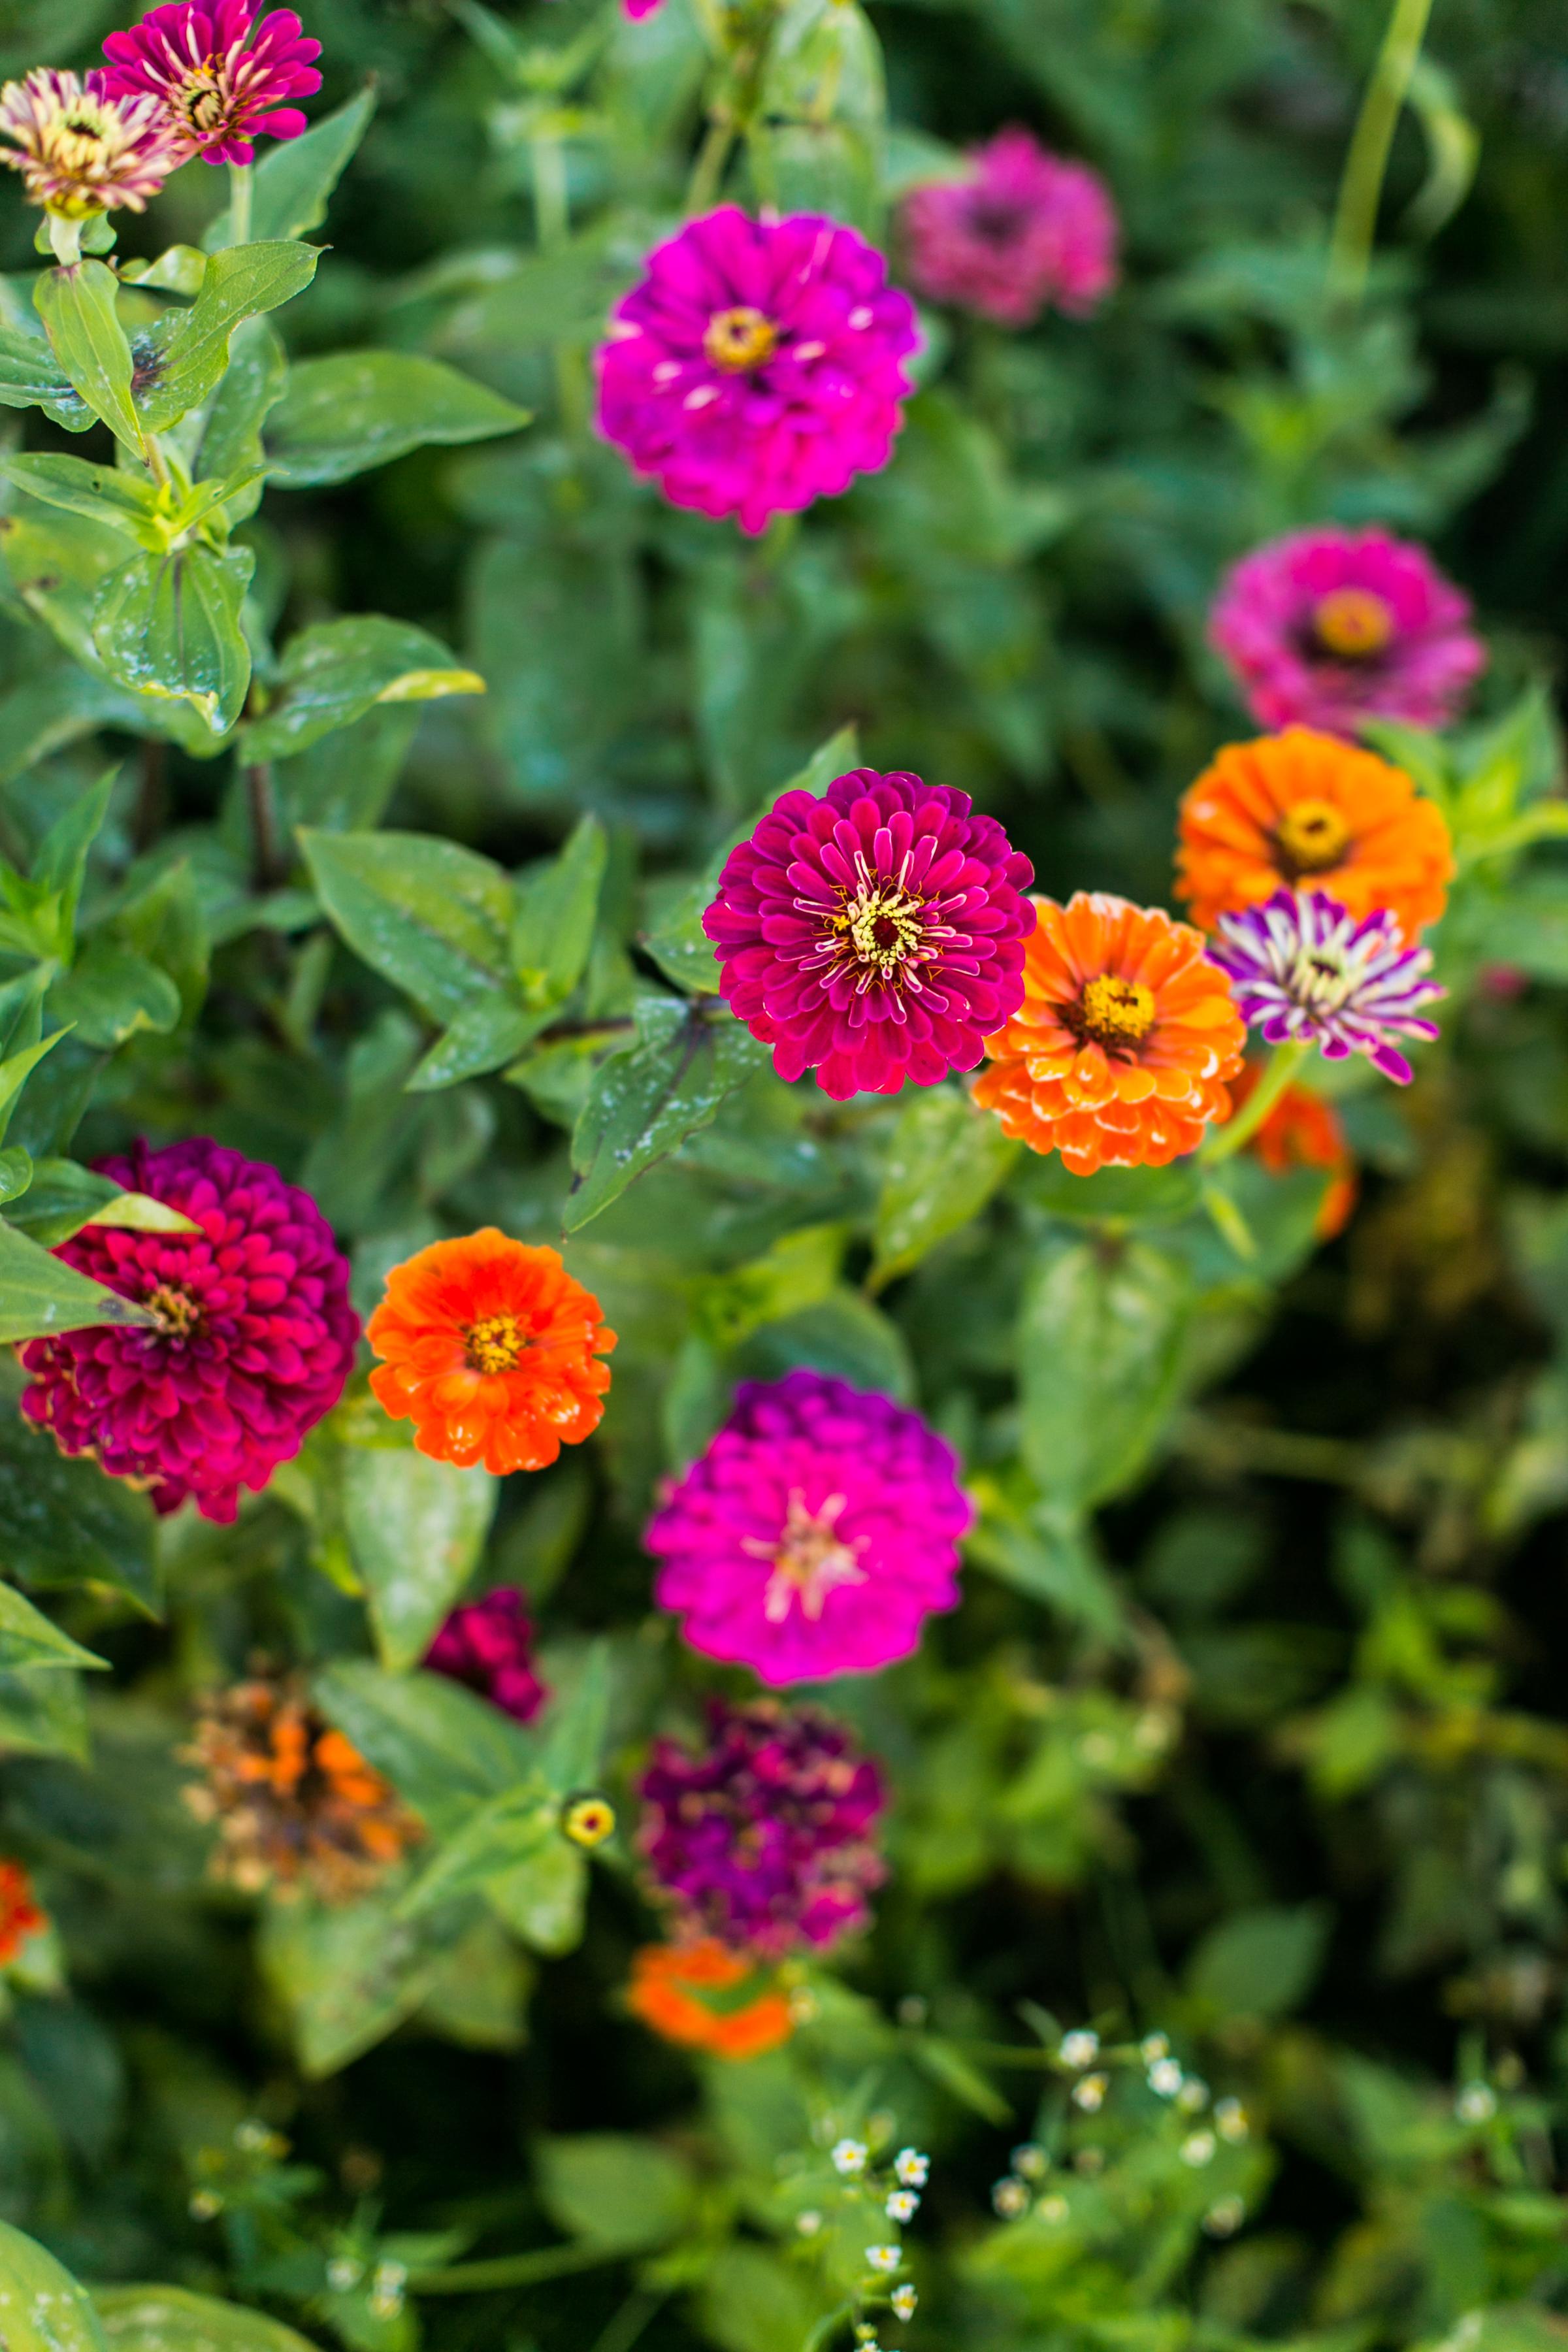 Beans & Greens Farm - Anne Skidmore - cut flowers